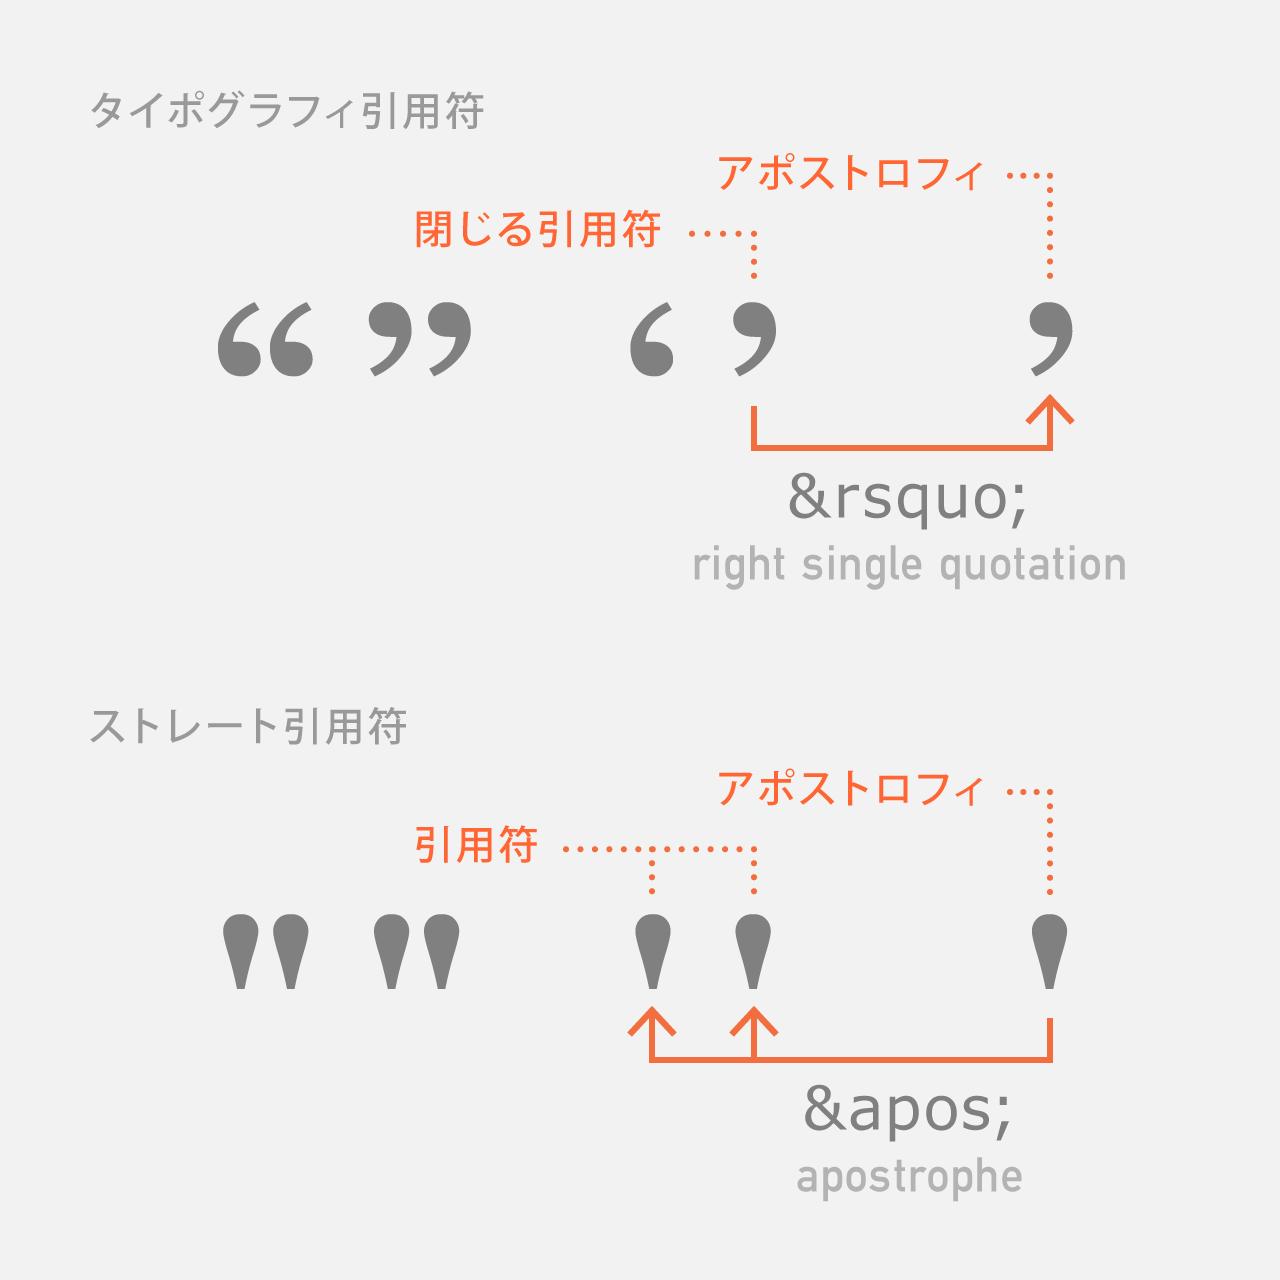 「'」はタイポグラフィ引用符のアポストロフィとしては使わない